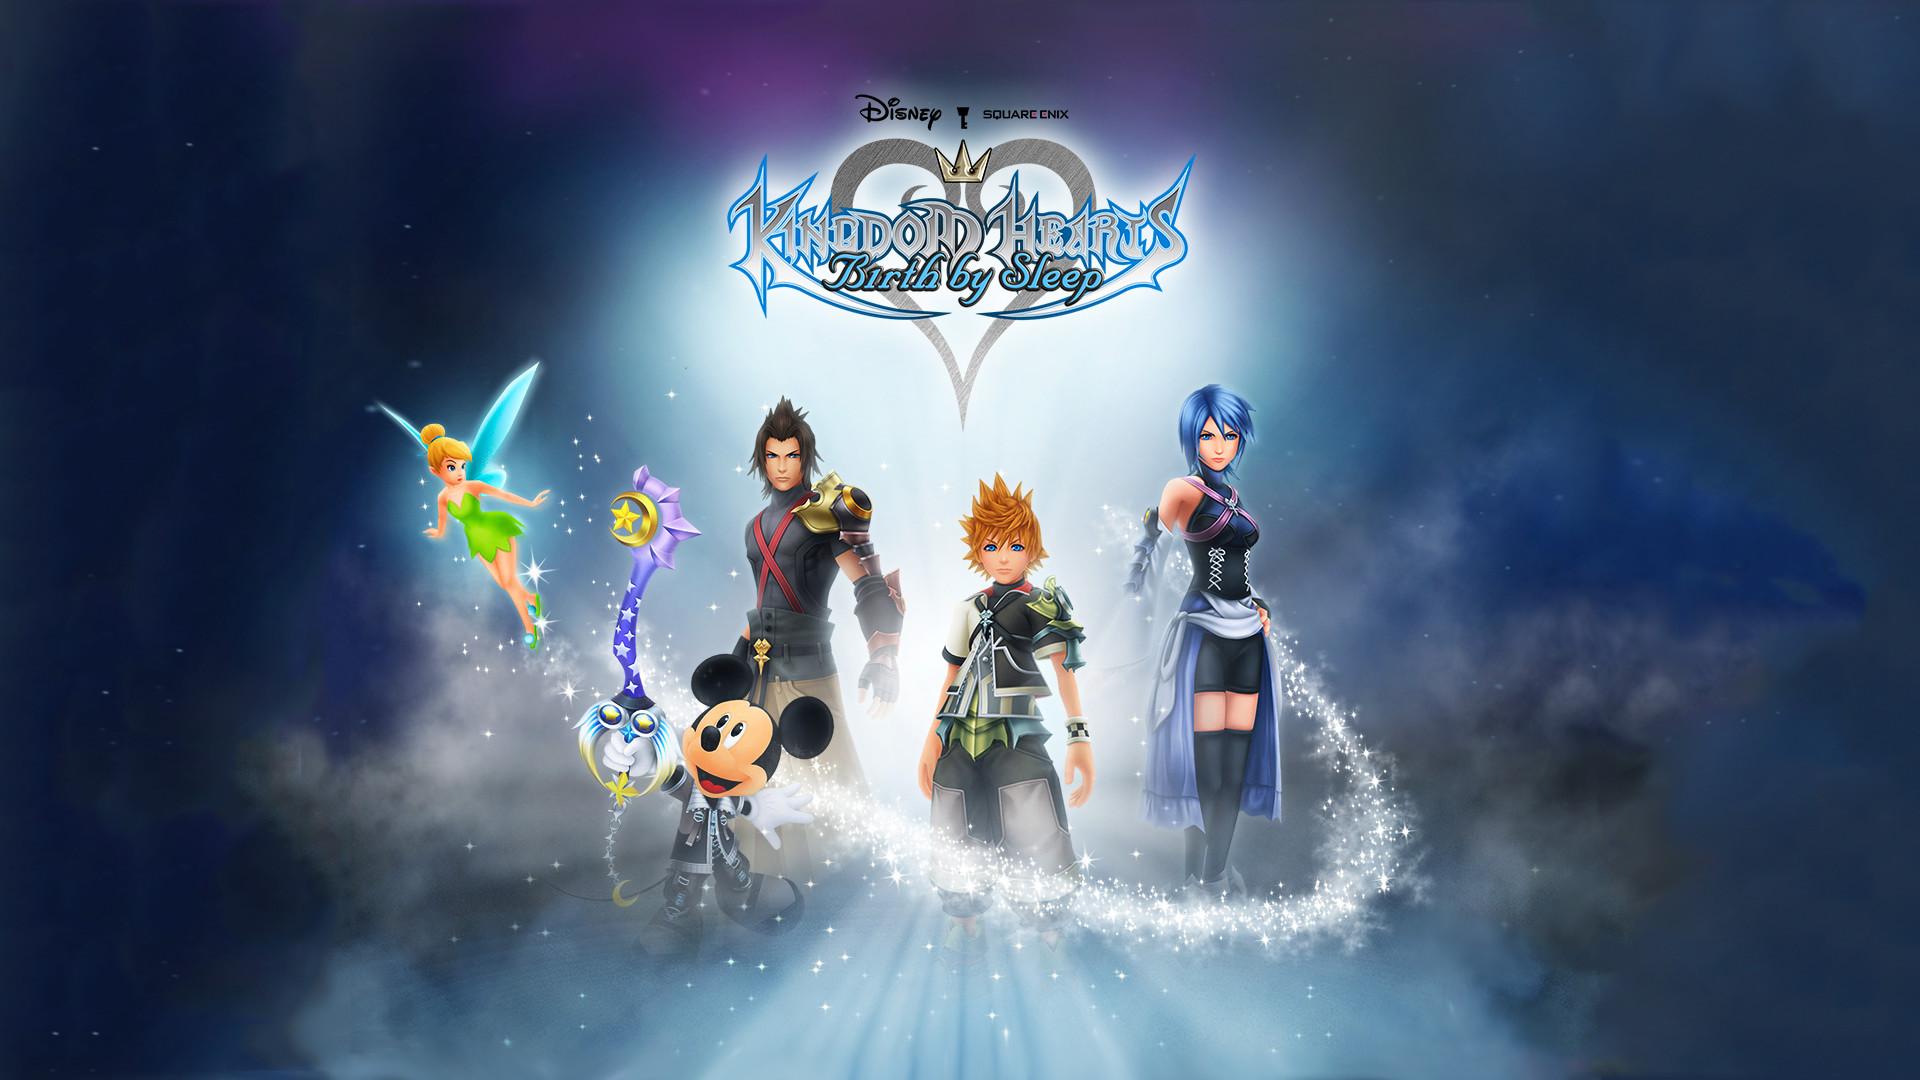 Kingdom Hearts Wallpaper Kingdom, Hearts, Mickey, Mouse